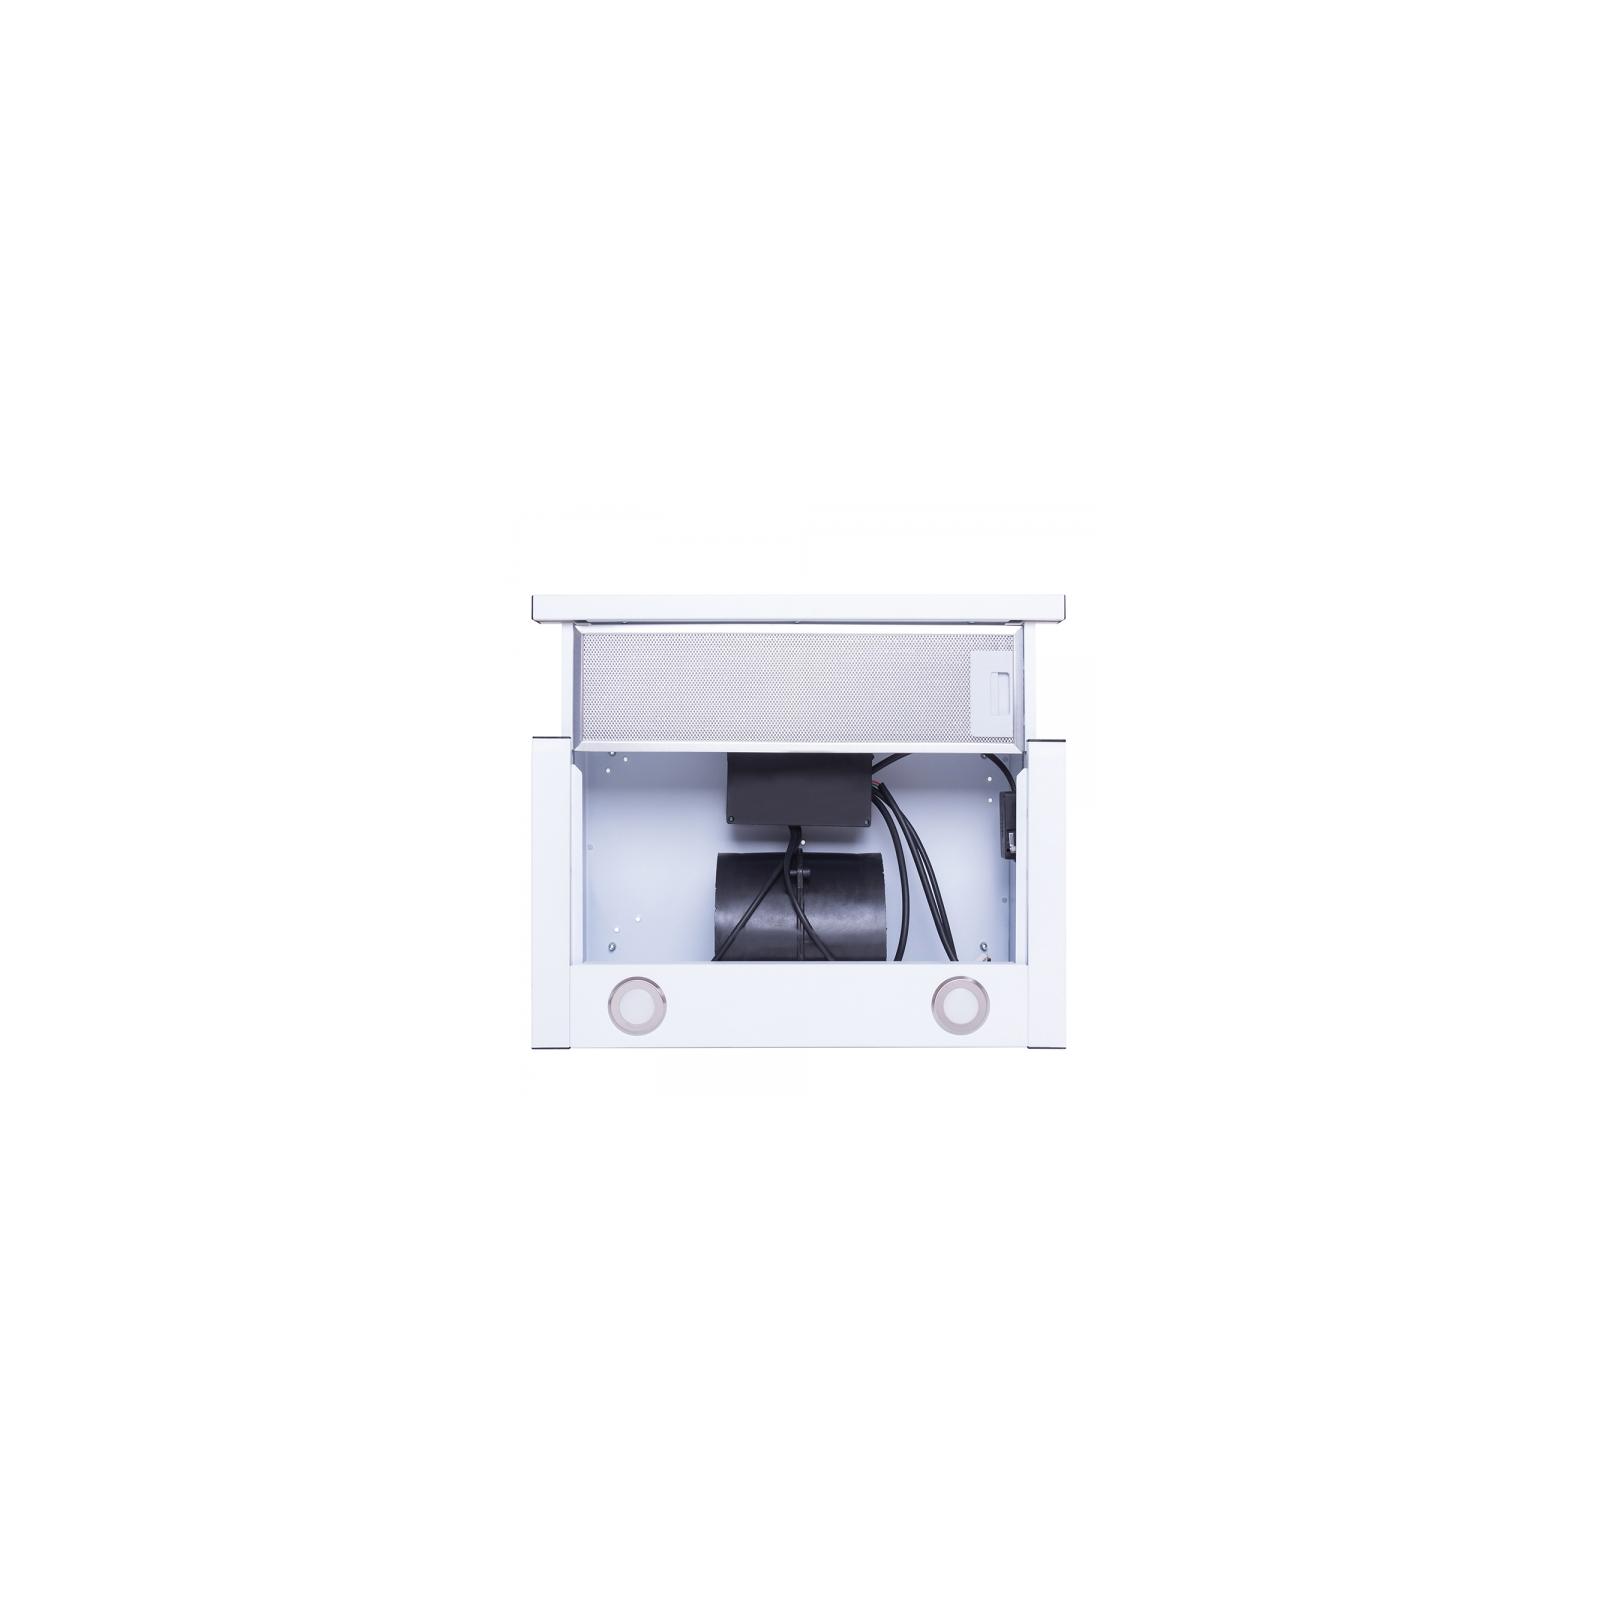 Вытяжка кухонная Perfelli TL 5212 C S/I 650 LED изображение 5